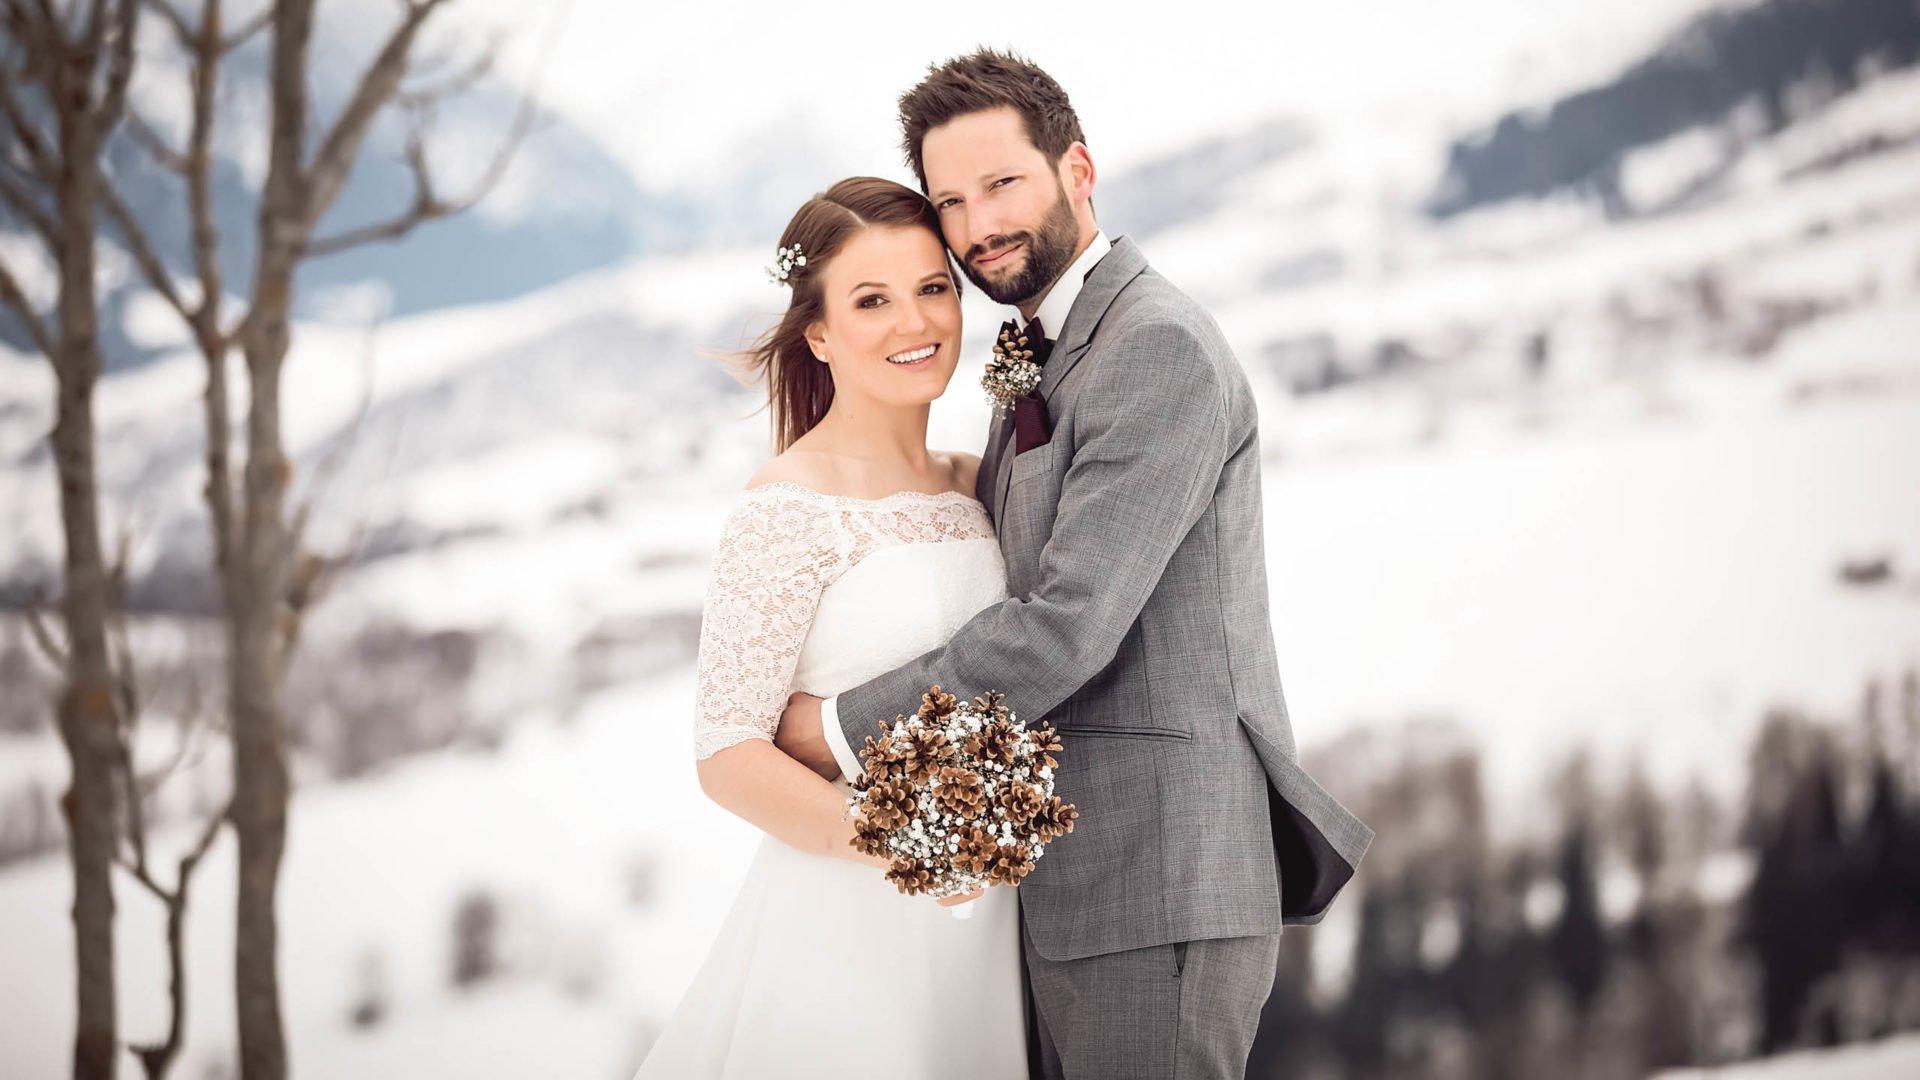 Brautkleid mit Arm Winter